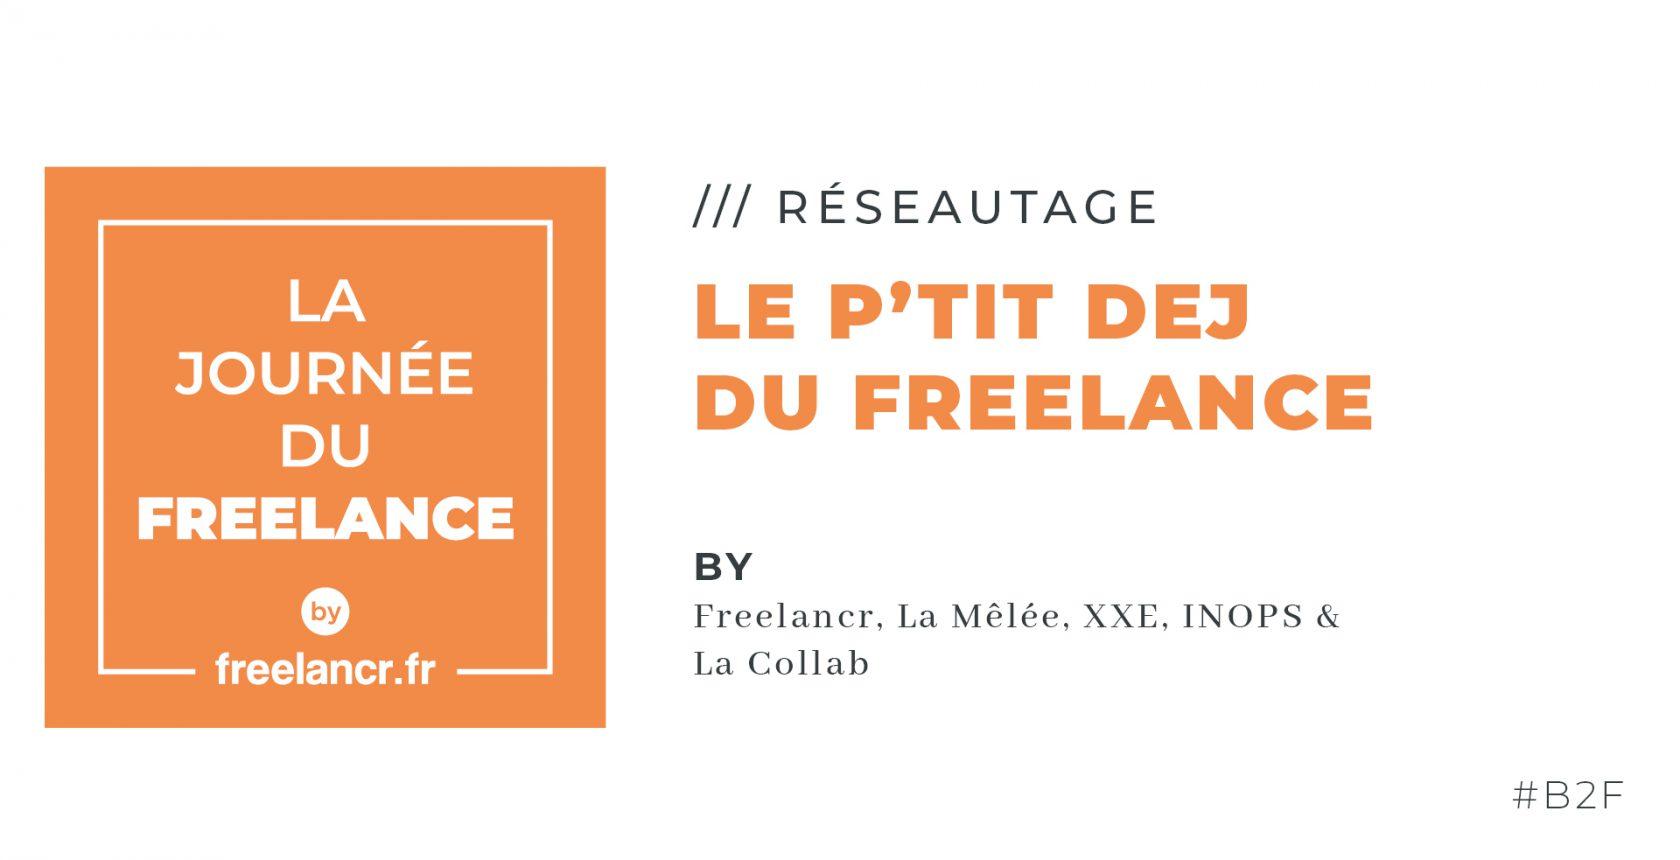 Le p'tit déj du Freelance